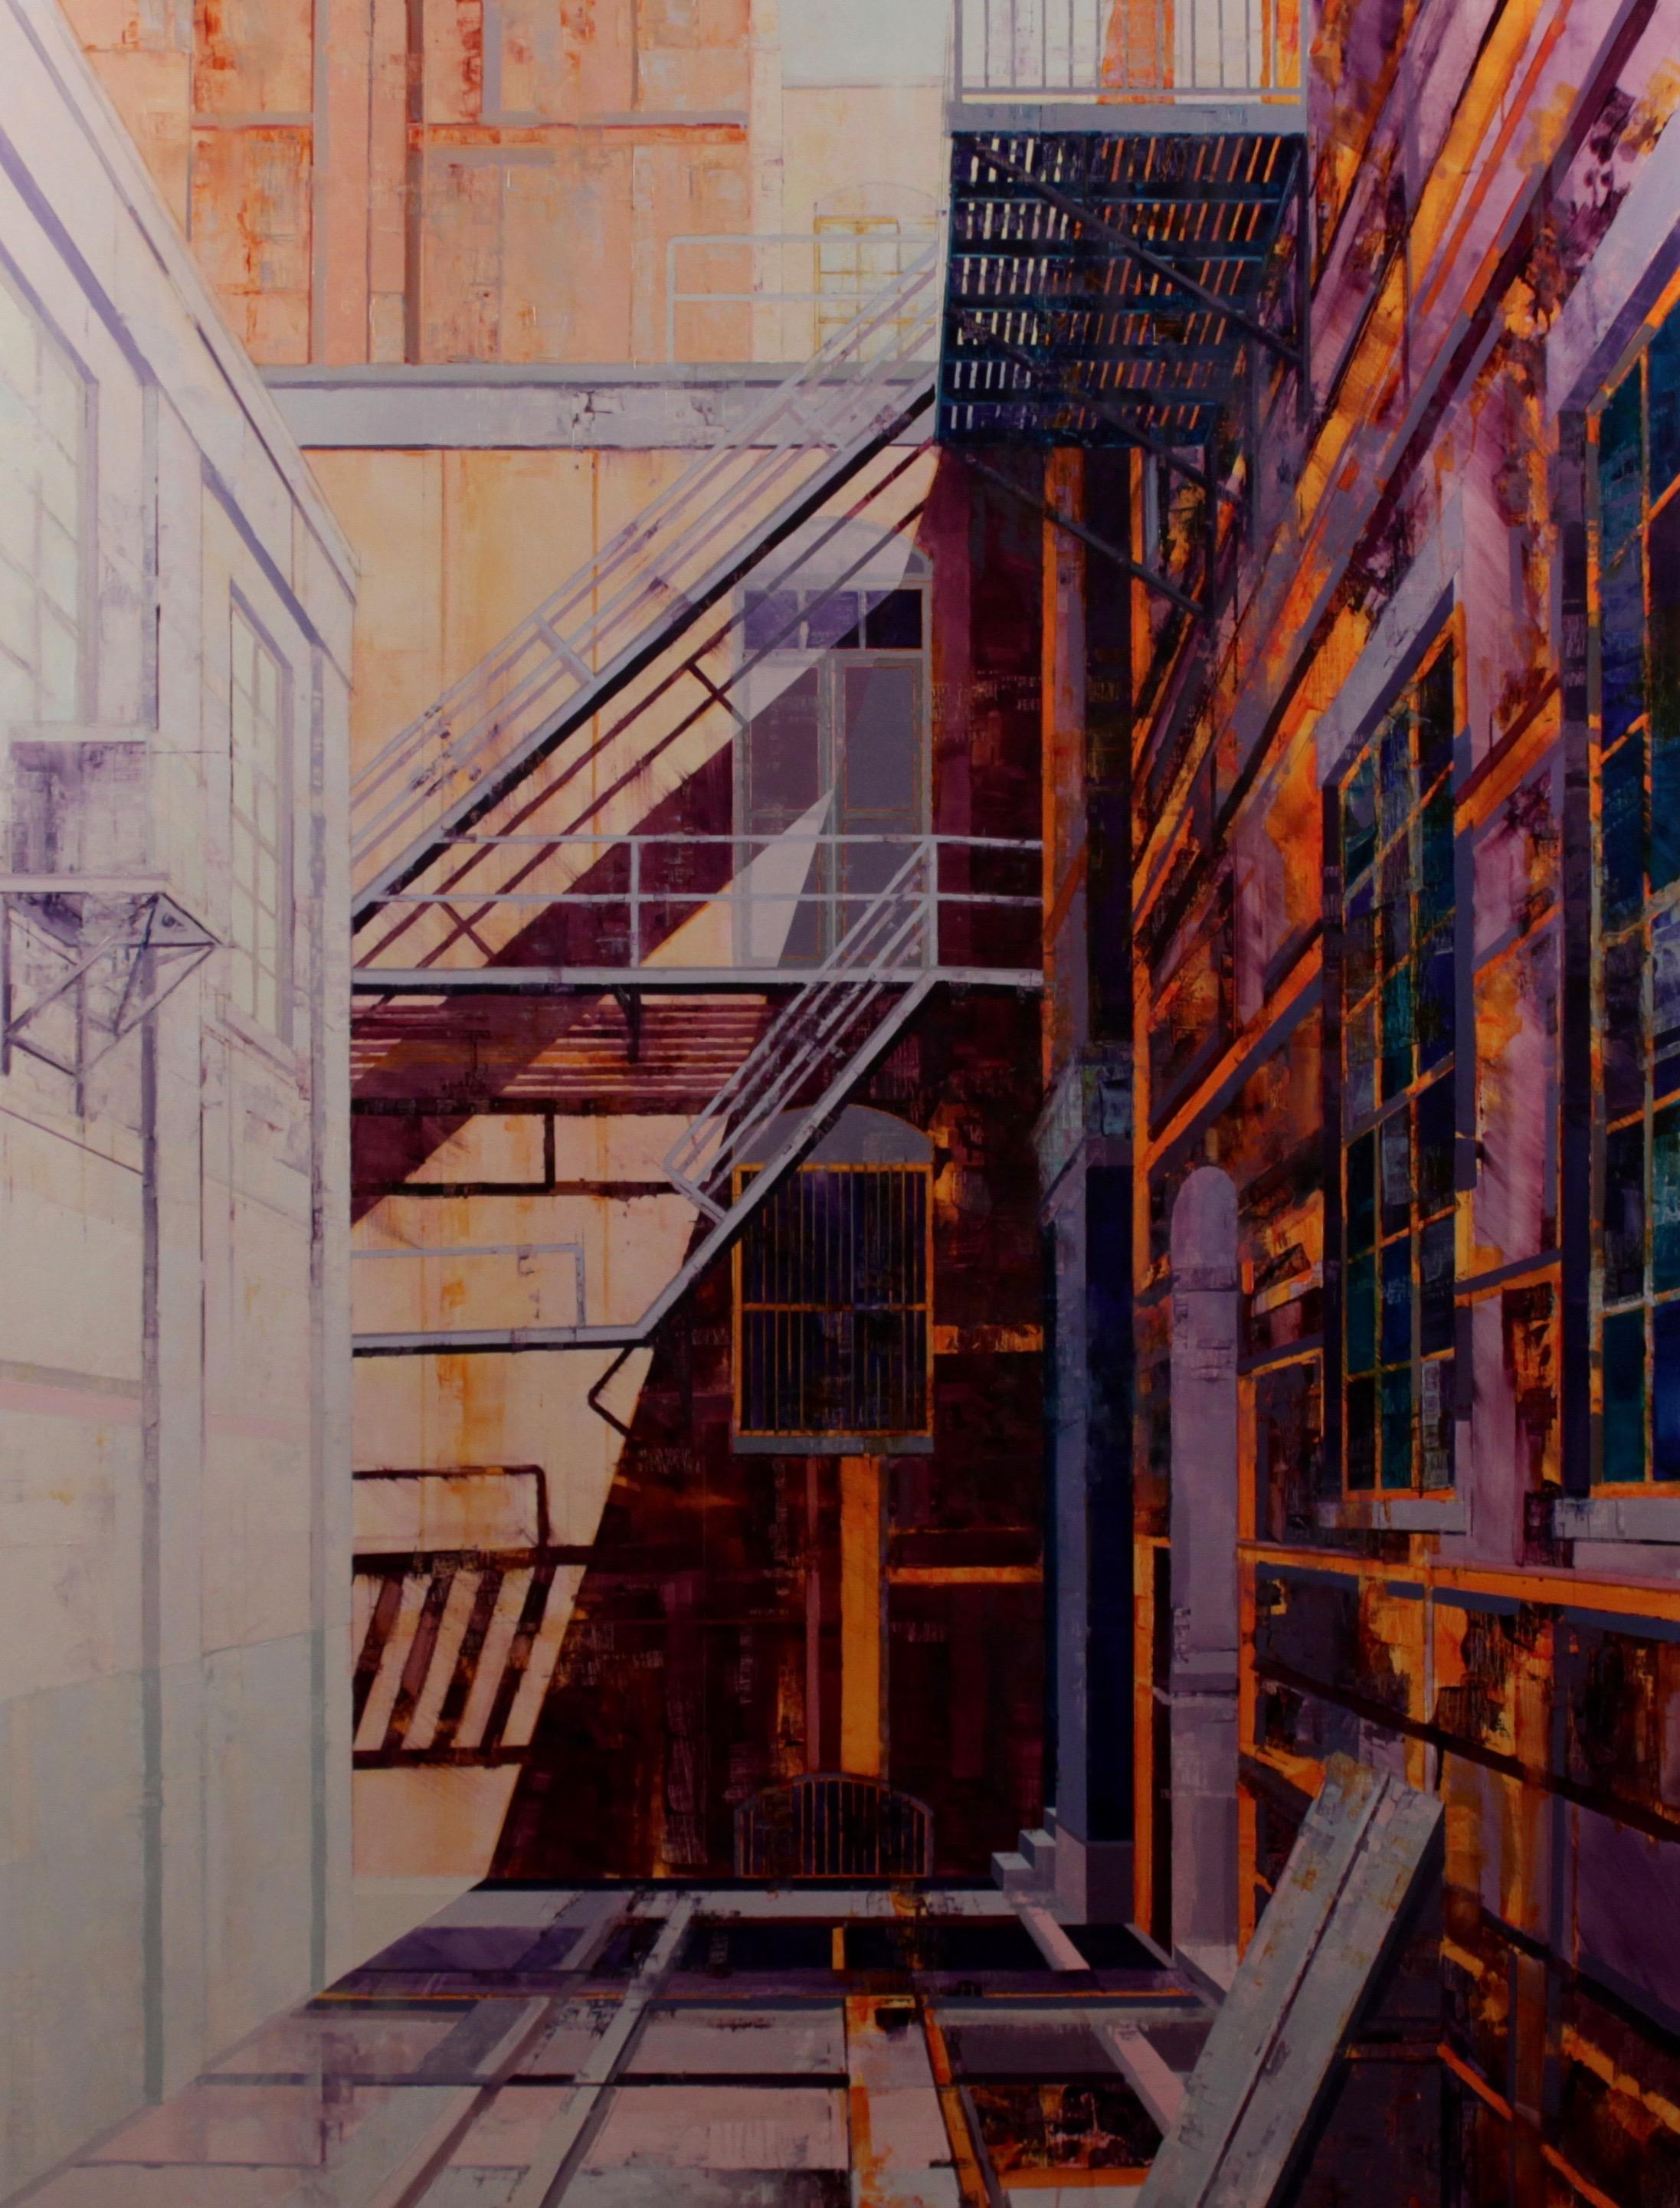 Alleyway II